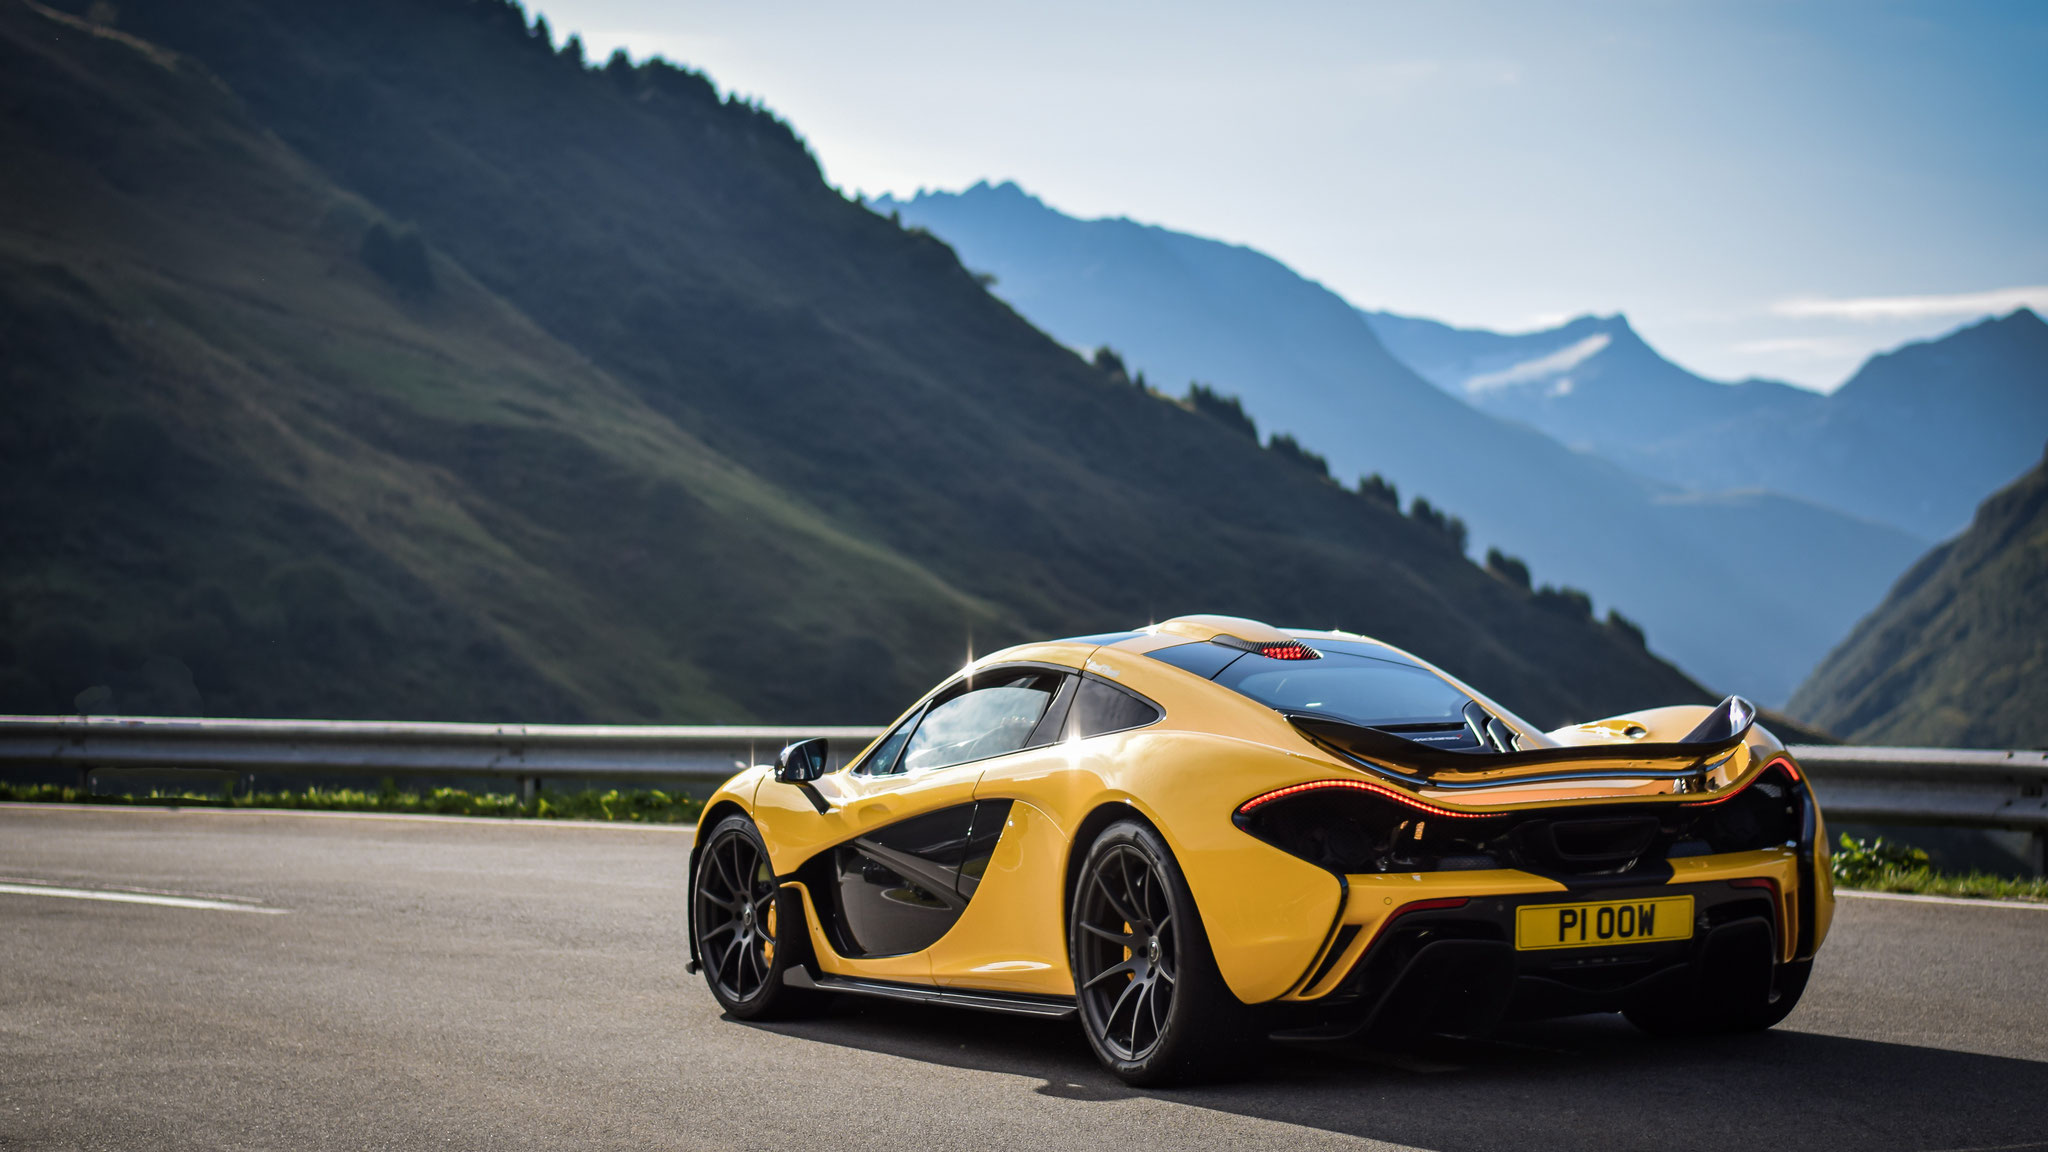 McLaren P1 - P1-OOW (GB)